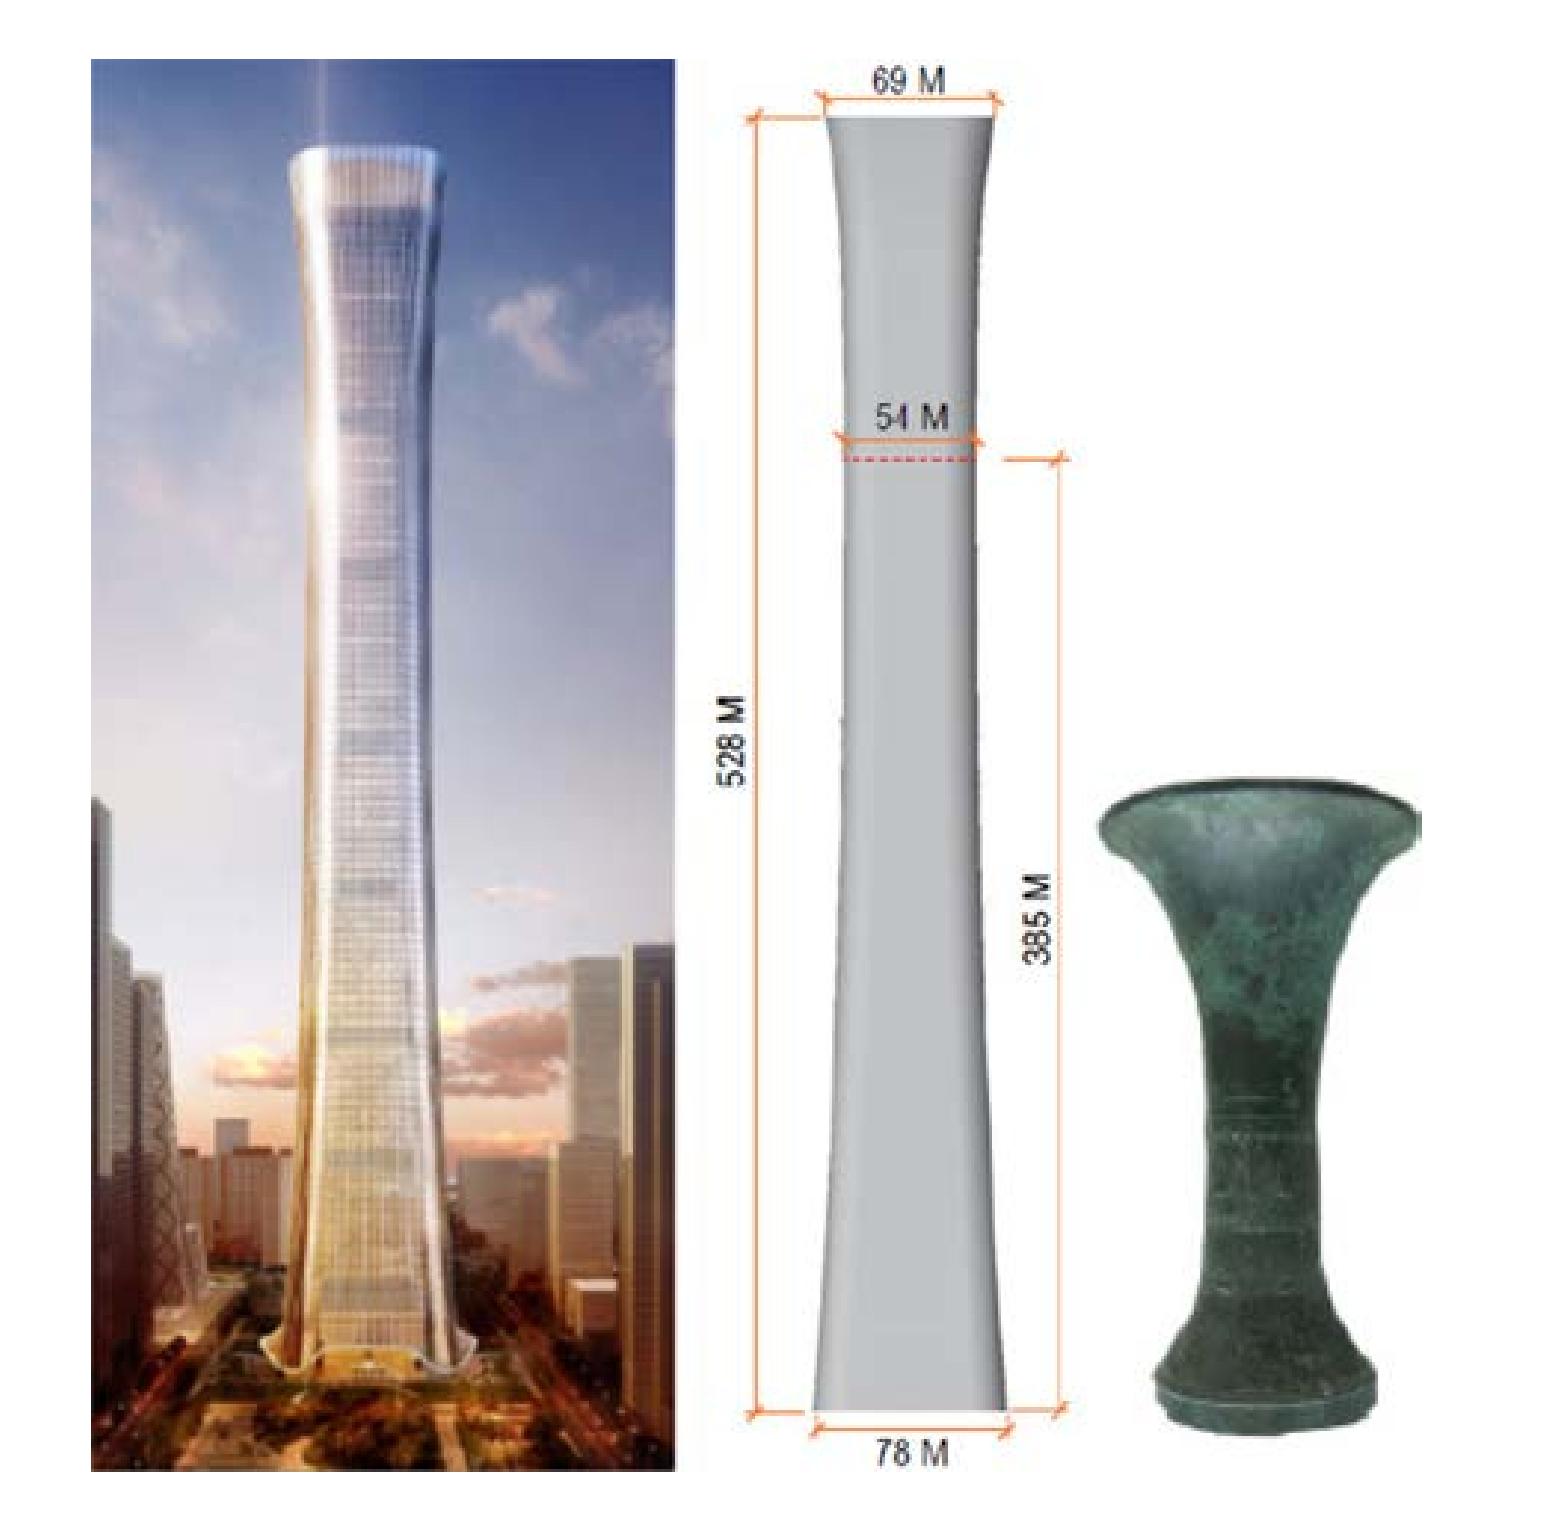 CITIC Tower, il grattacielo più alto di Pechino